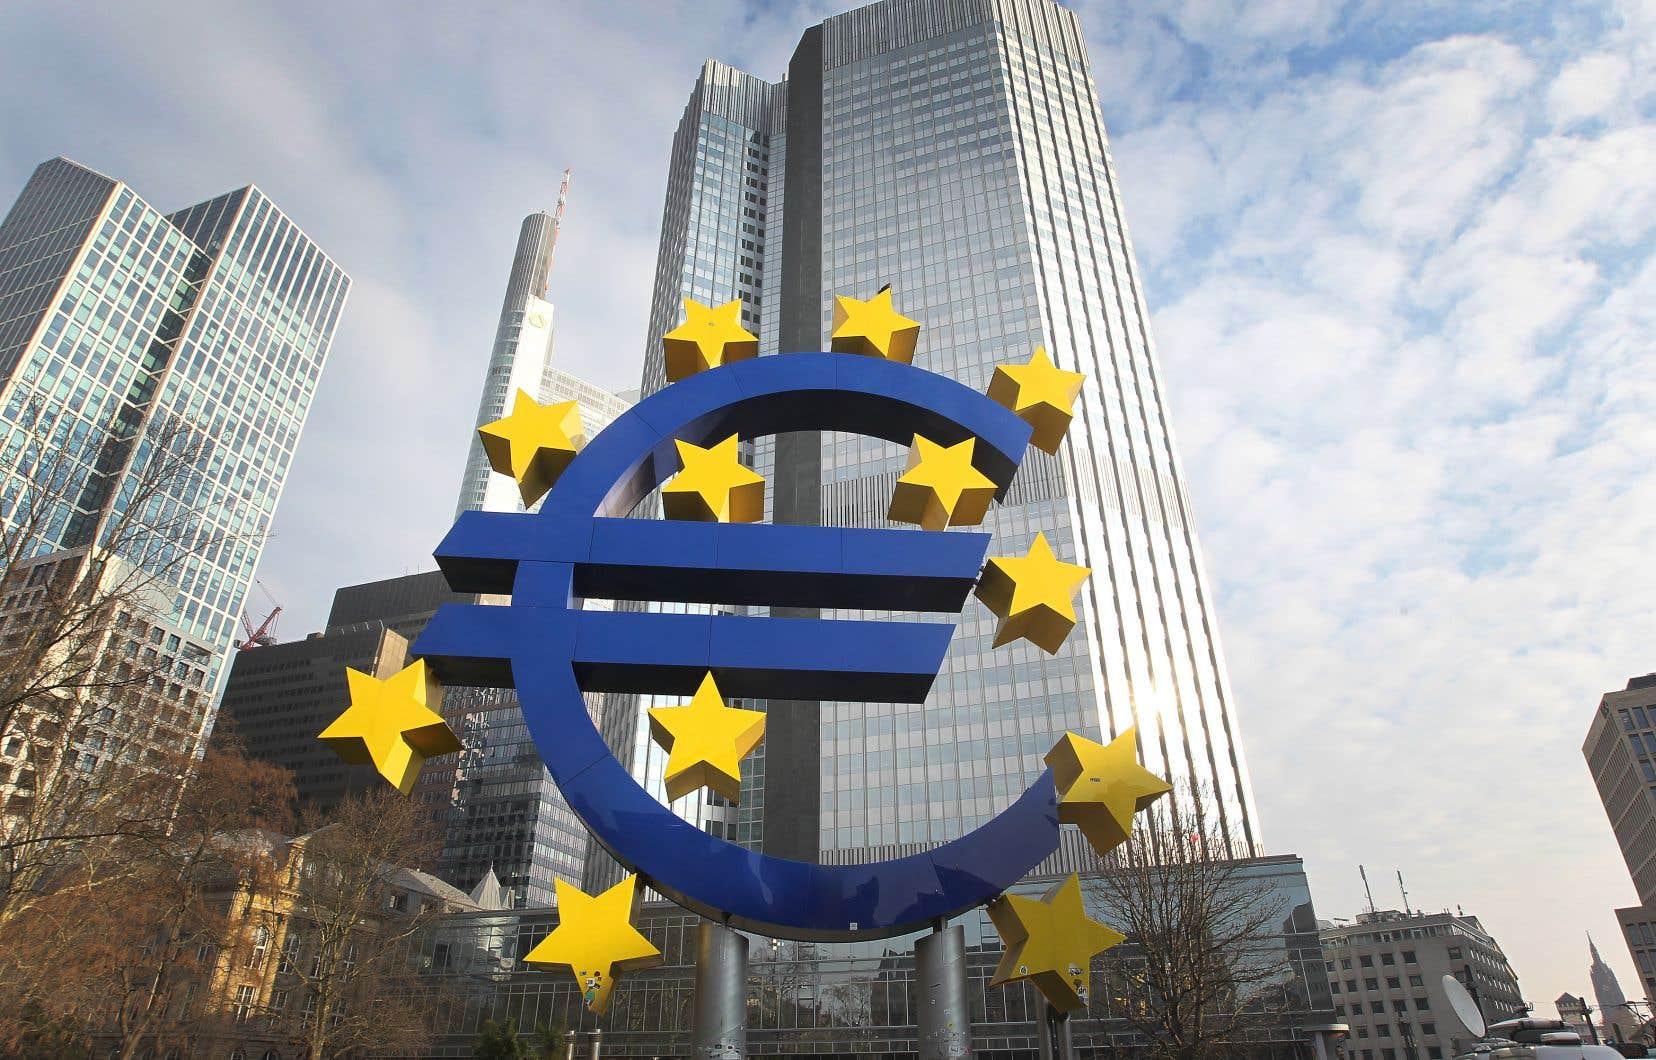 «Les citoyens découvrent, pour certains avec effarement, que près de 25% de la dette publique européenne est aujourd'hui détenue par leur banque centrale», relèvent plus de 100 économistes dans une tribune.